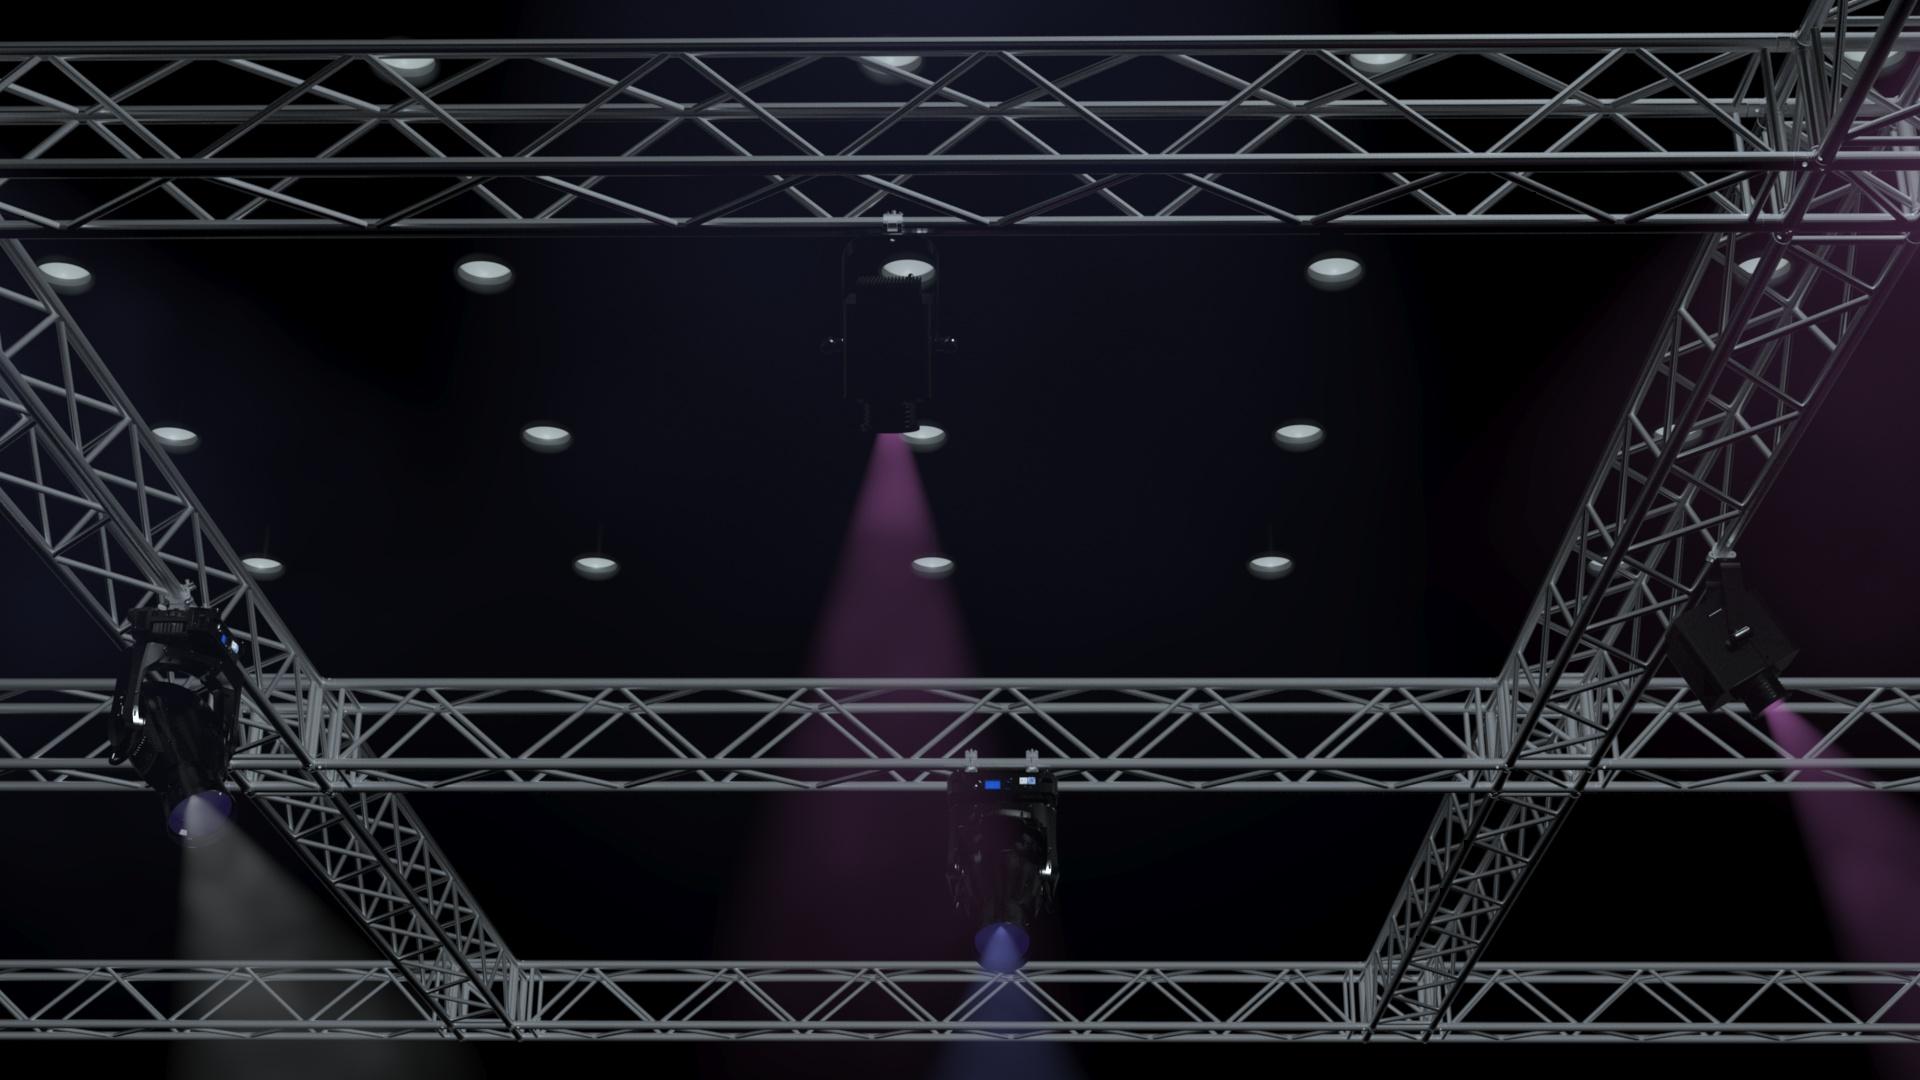 41-02-BigSquareTruss-StageLights-5